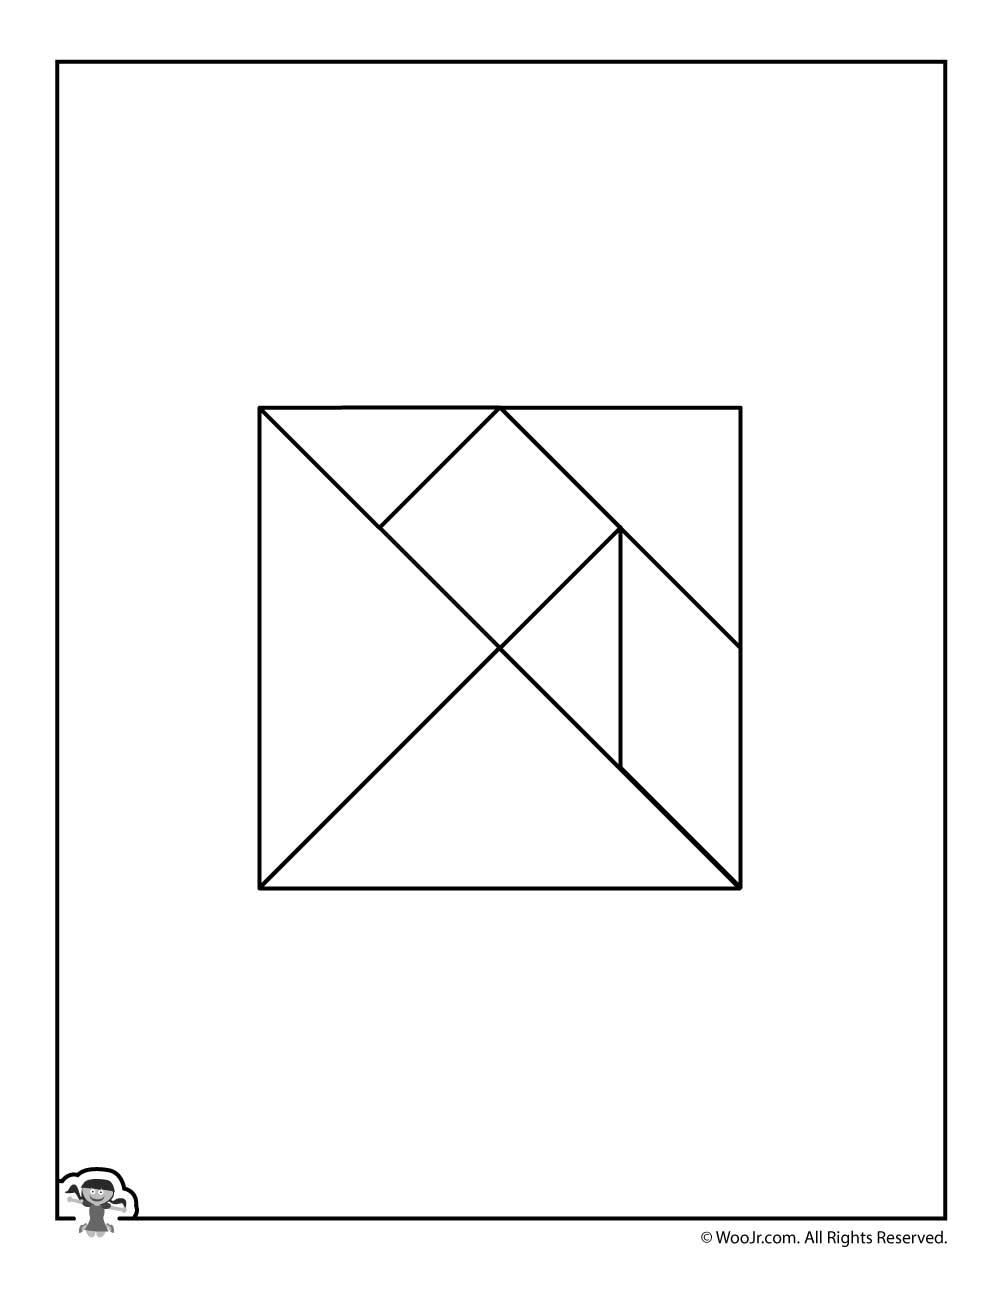 Color Your Own Printable Tangram Puzzle Pieces | Woo! Jr tout Pièces Tangram